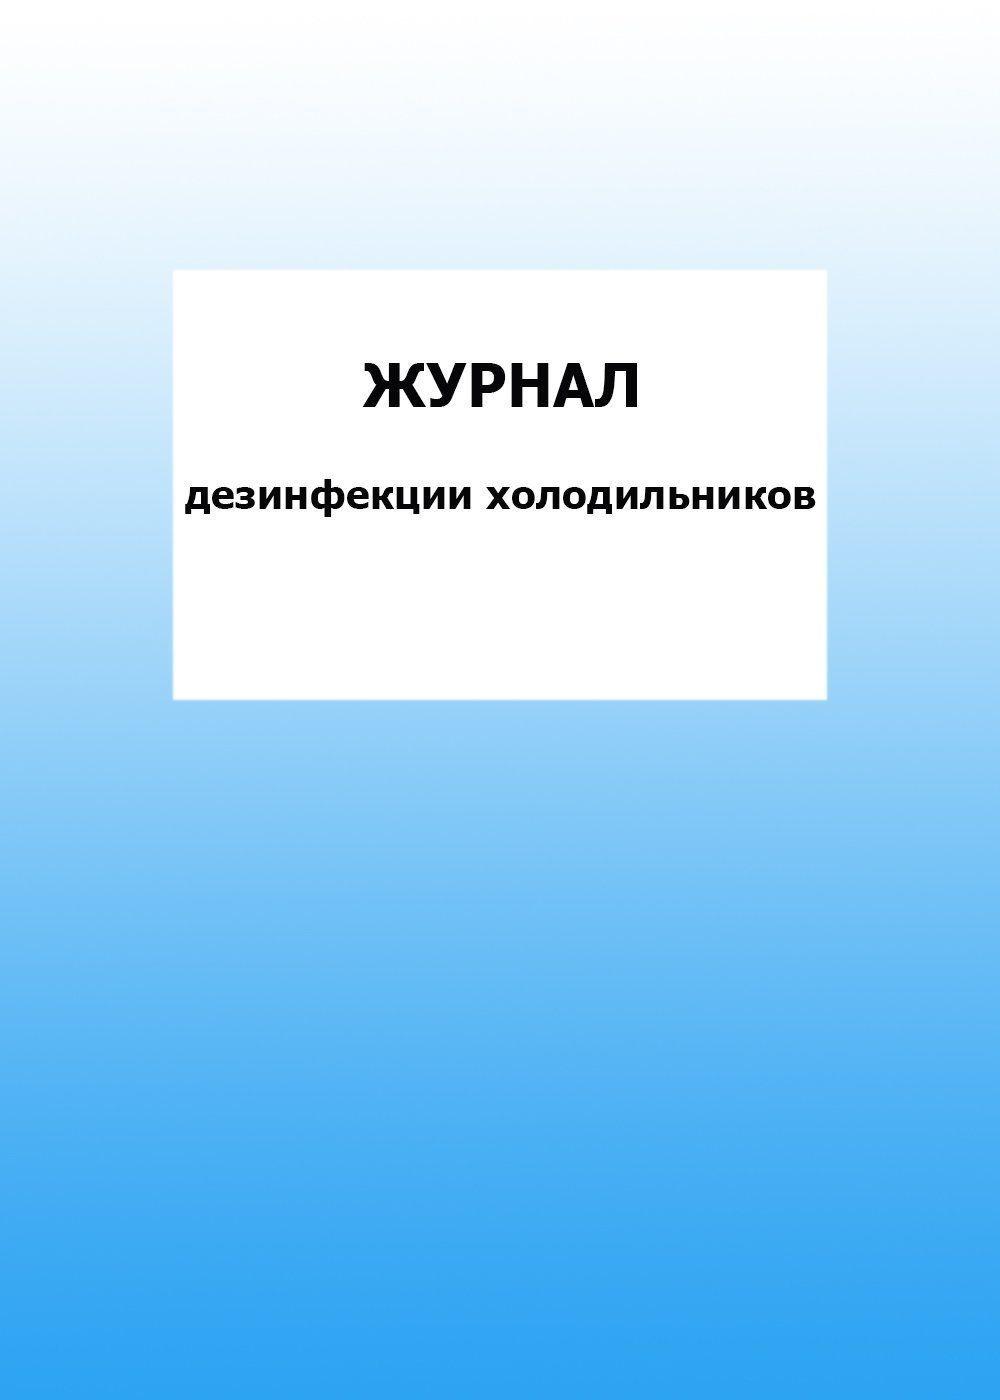 Журнал дезинфекции холодильников: упаковка 100 шт.